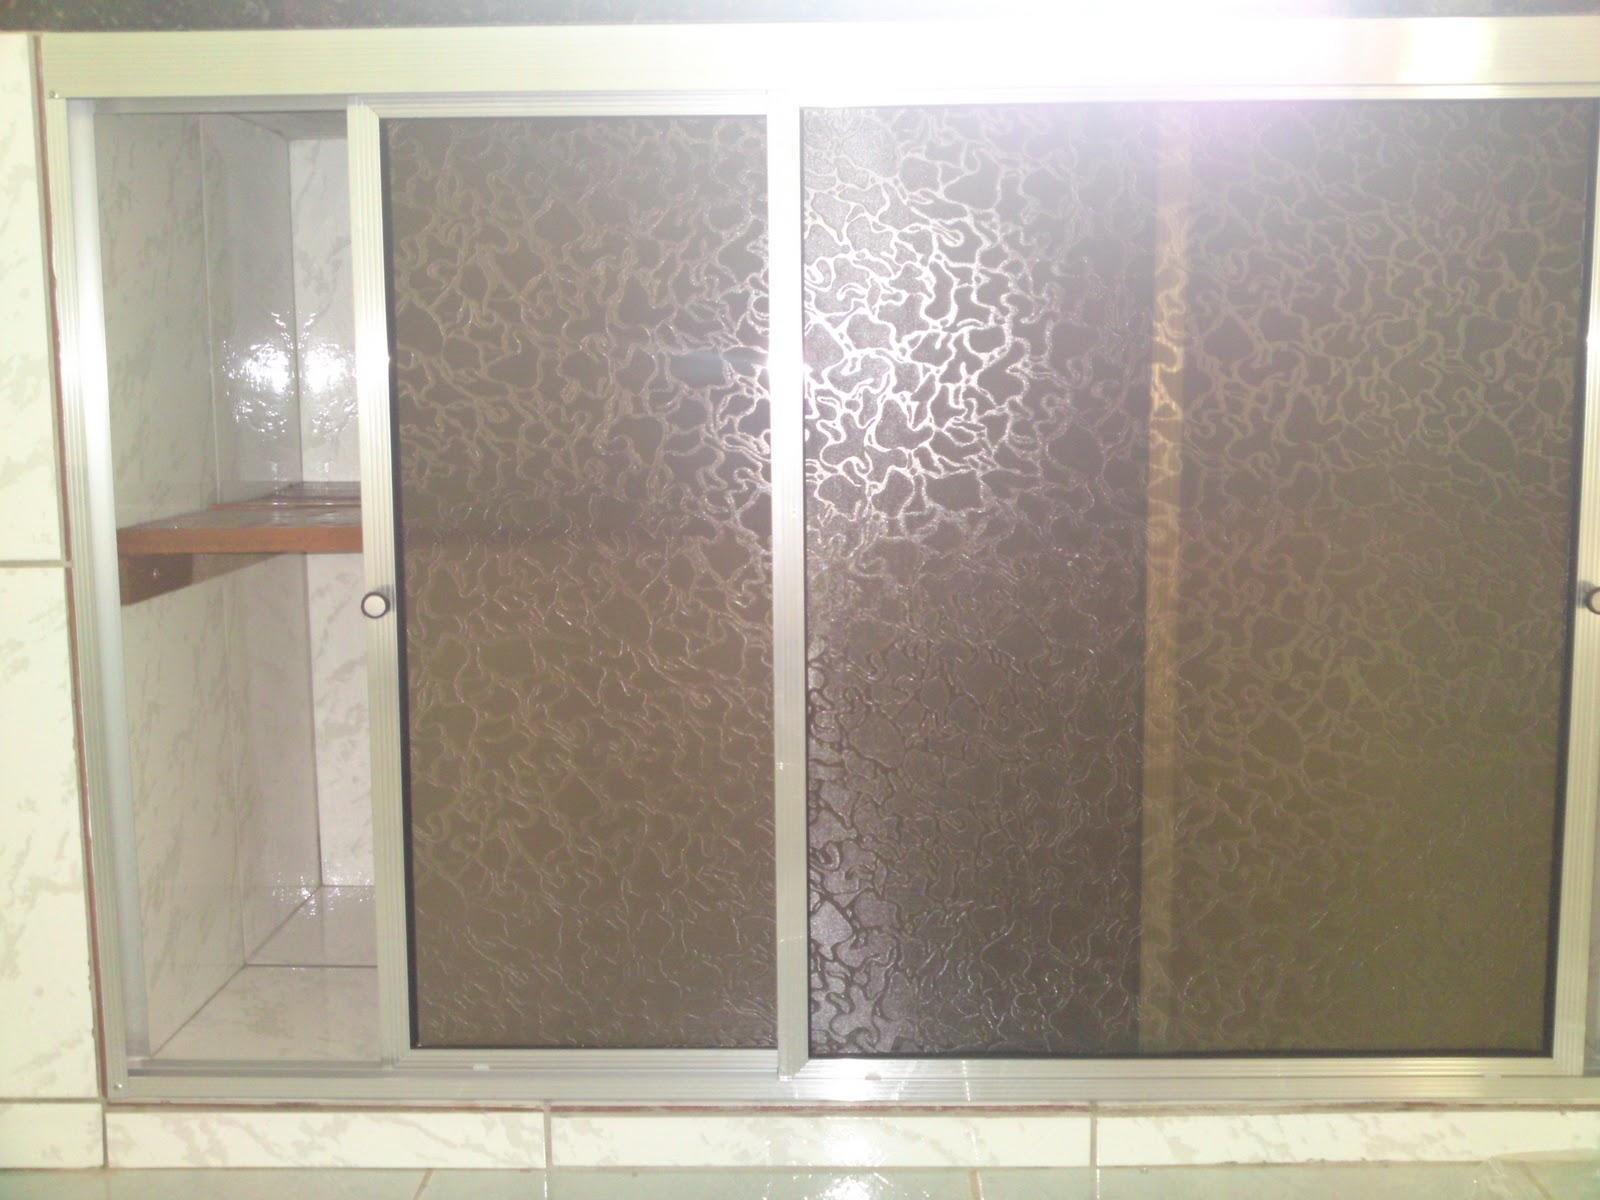 #797152 serralheria : PORTAS JANELAS ARMARIOS DE PIA EM ALUMÍNIO 552 Janelas Em Aluminio Para Banheiro